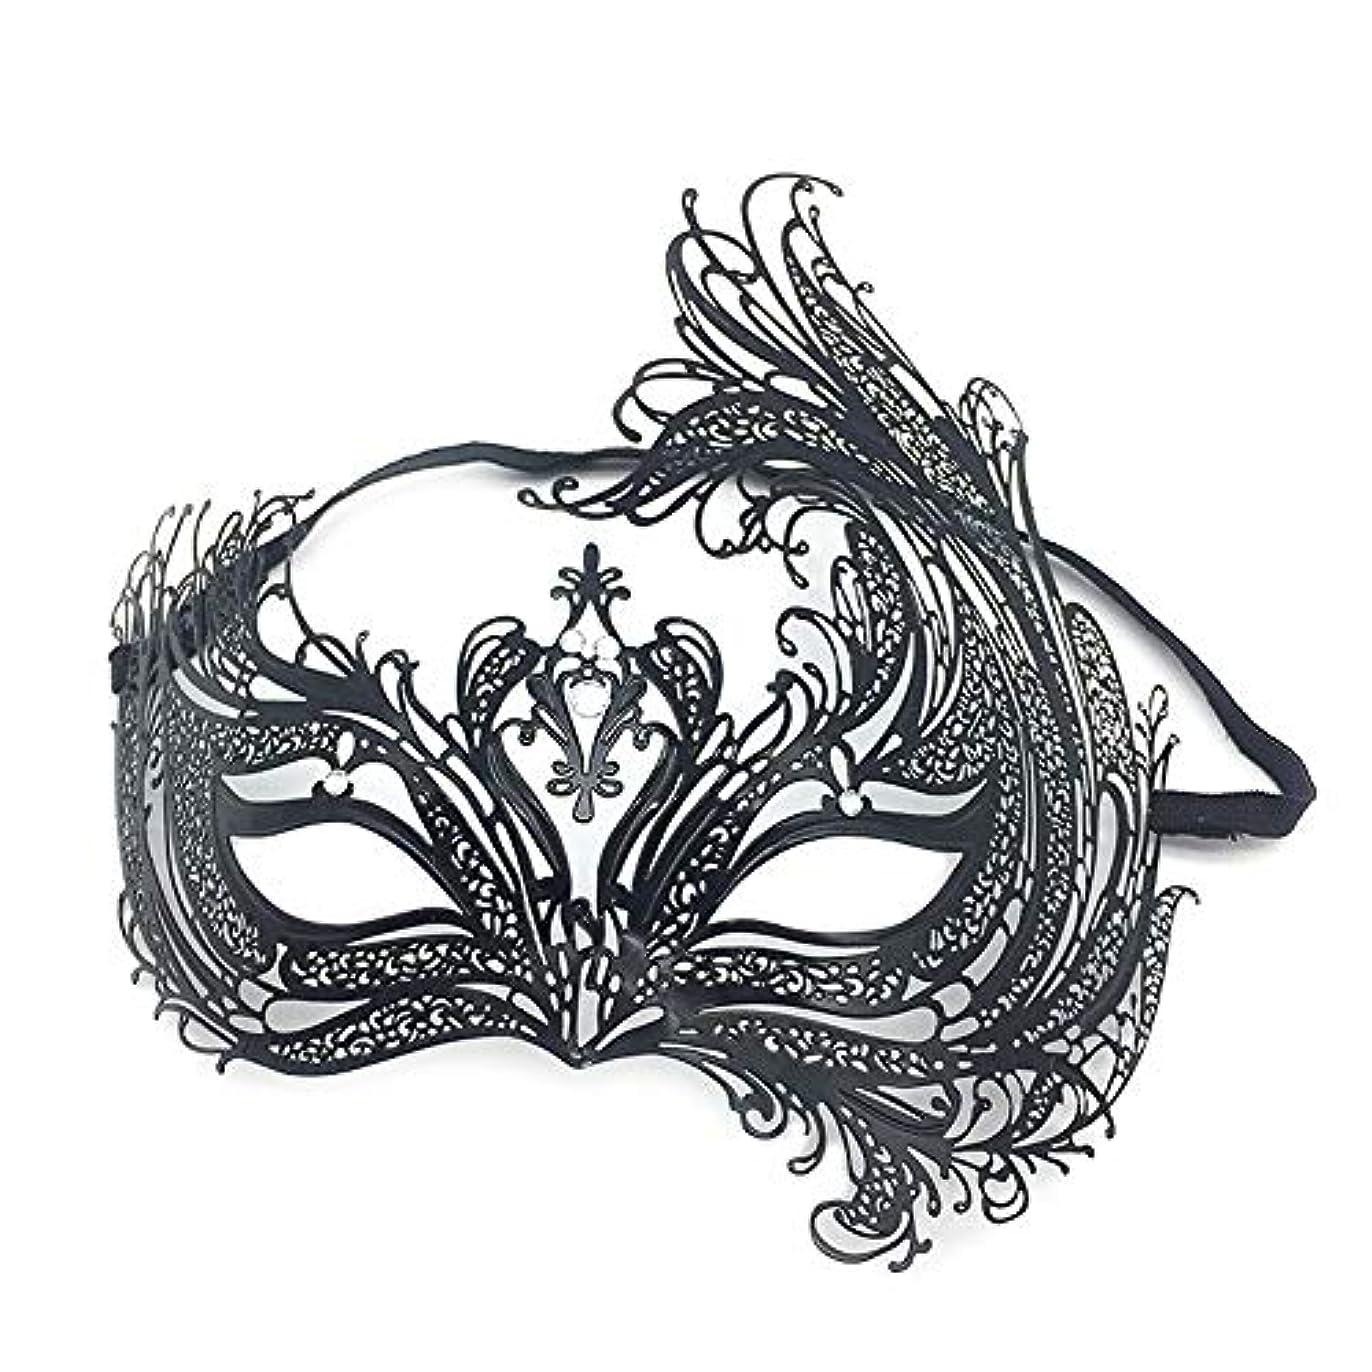 ラフ専門知識どこでもハロウィンマスクメタルダイヤモンドマスカレードマスクパーティーブラックセクシーなハーフフェイスフェニックスマスク